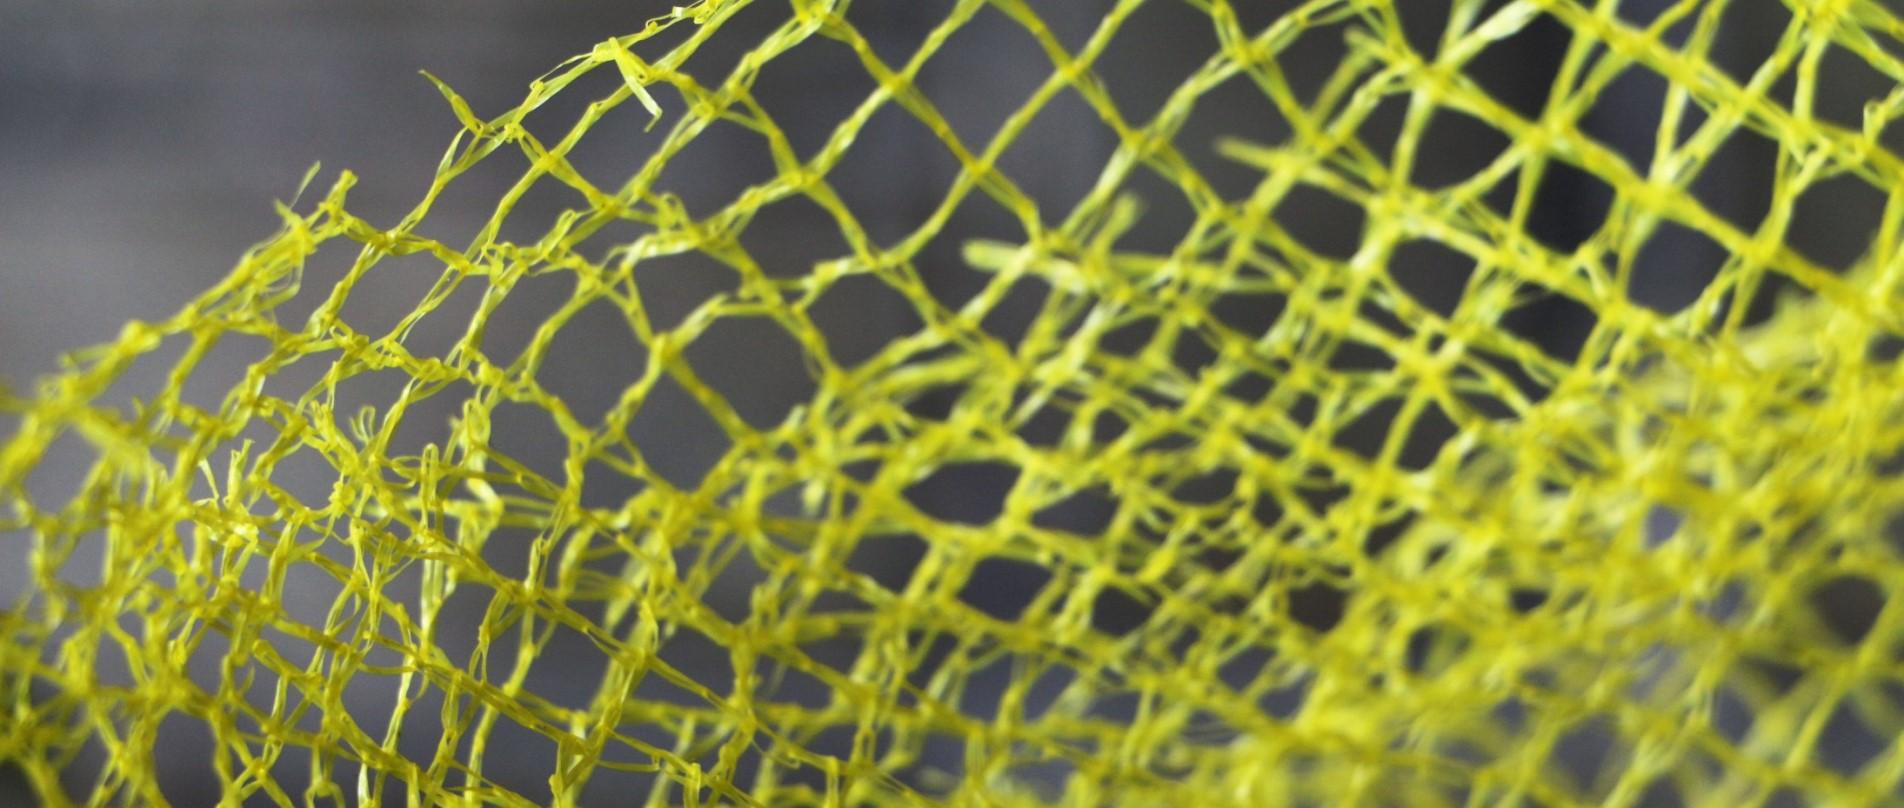 Nahaufnahme eines gelben Netzes